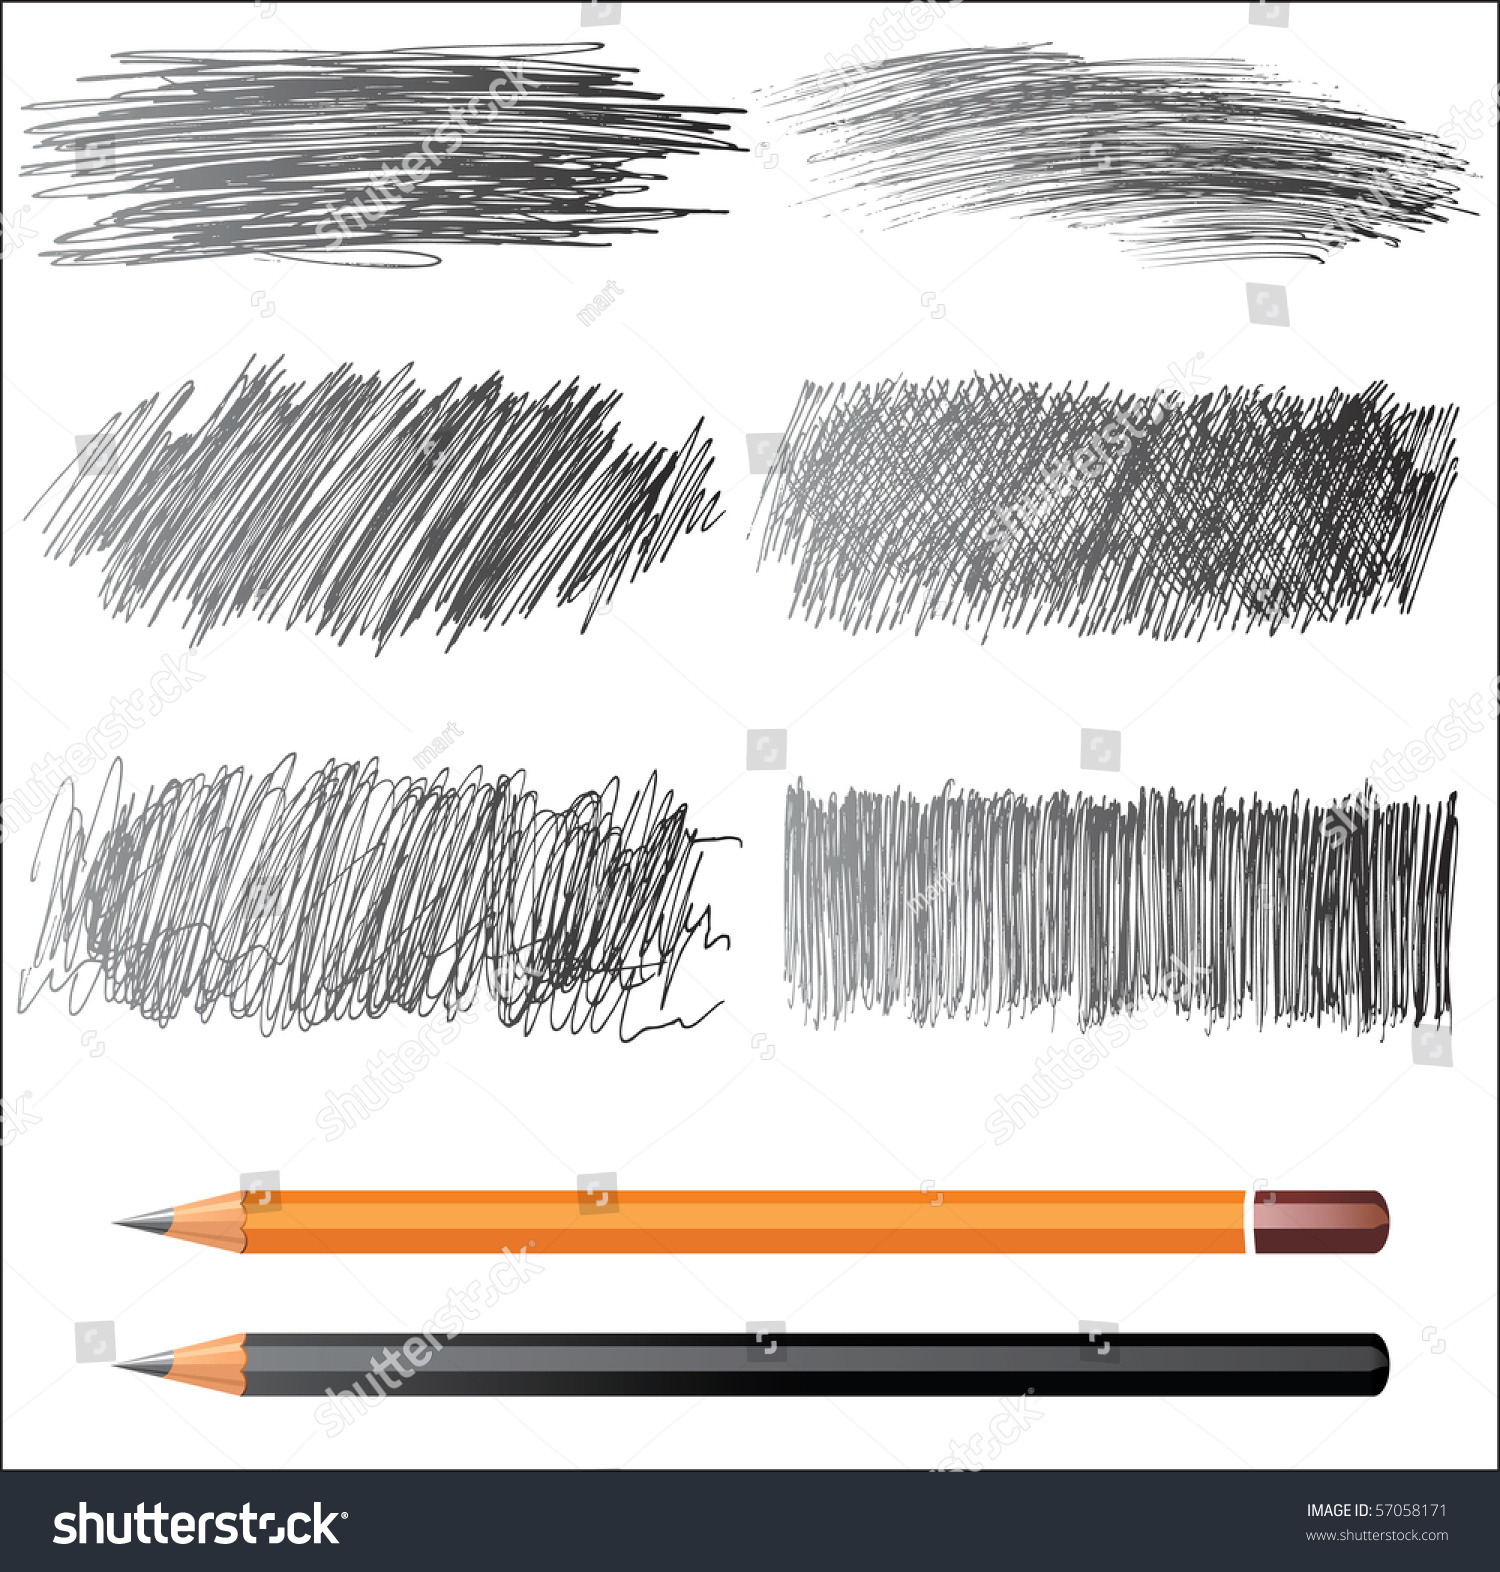 Как сделать штрих карандашом в фотошопе